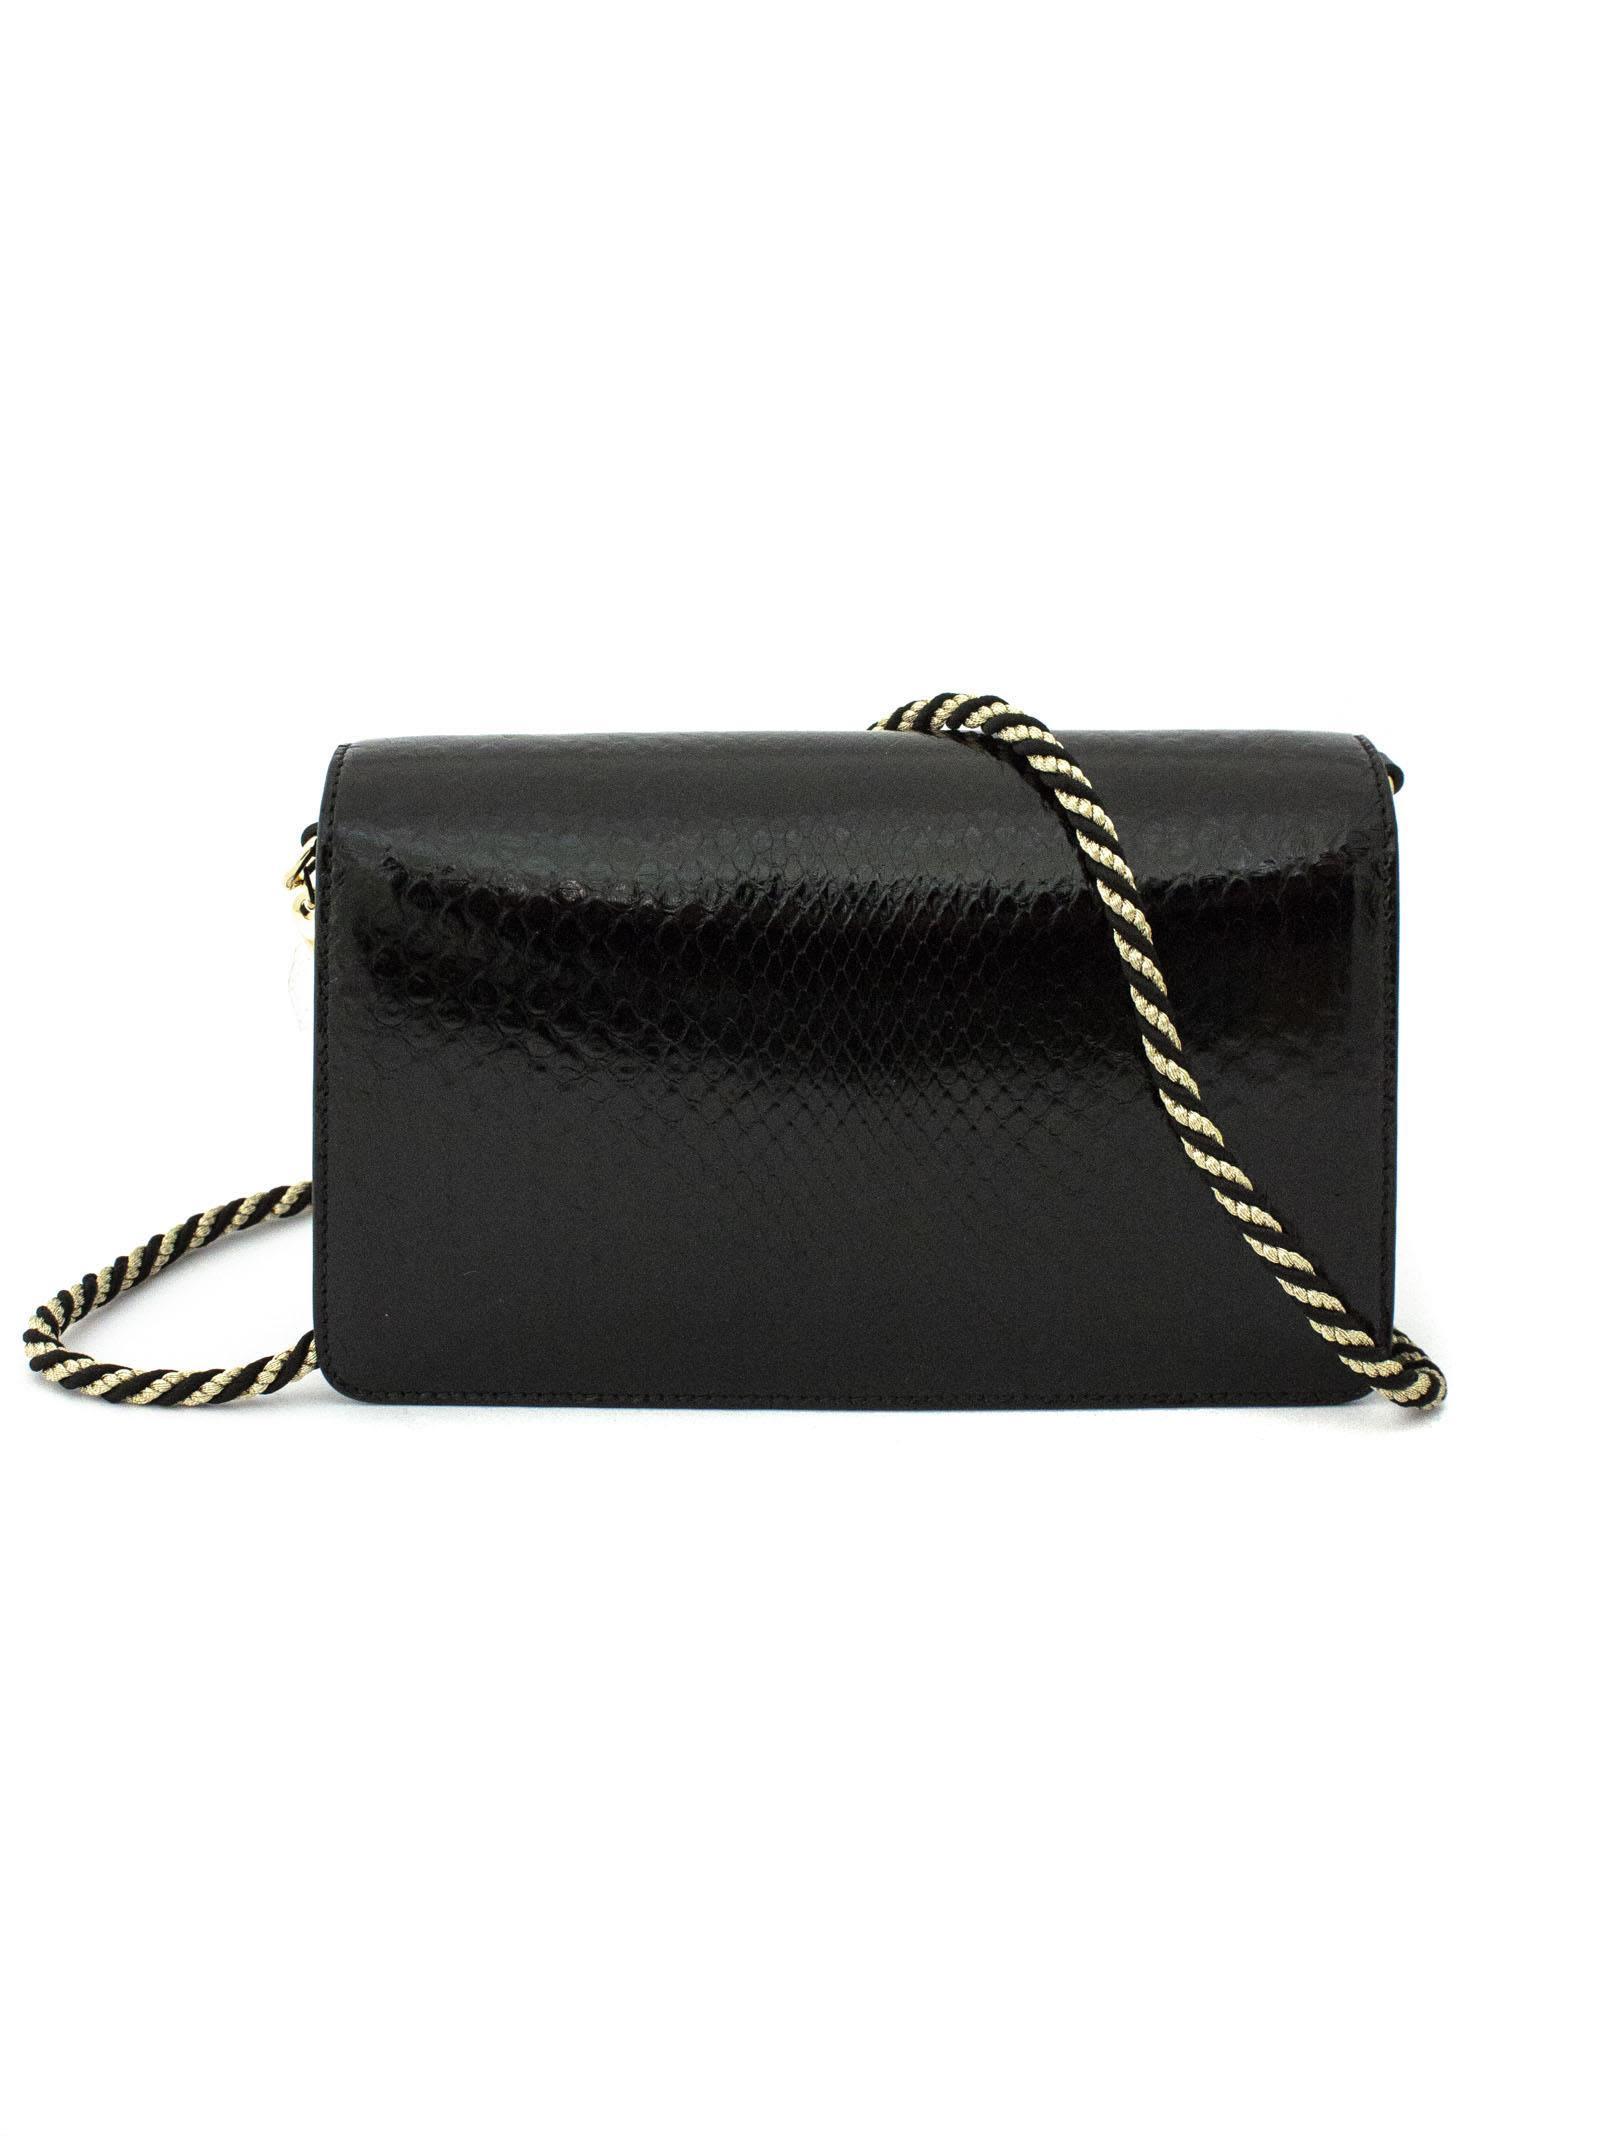 39d383cc5d25 Gucci Gucci Black Python Shoulder Bag With Square G. - Nero ...